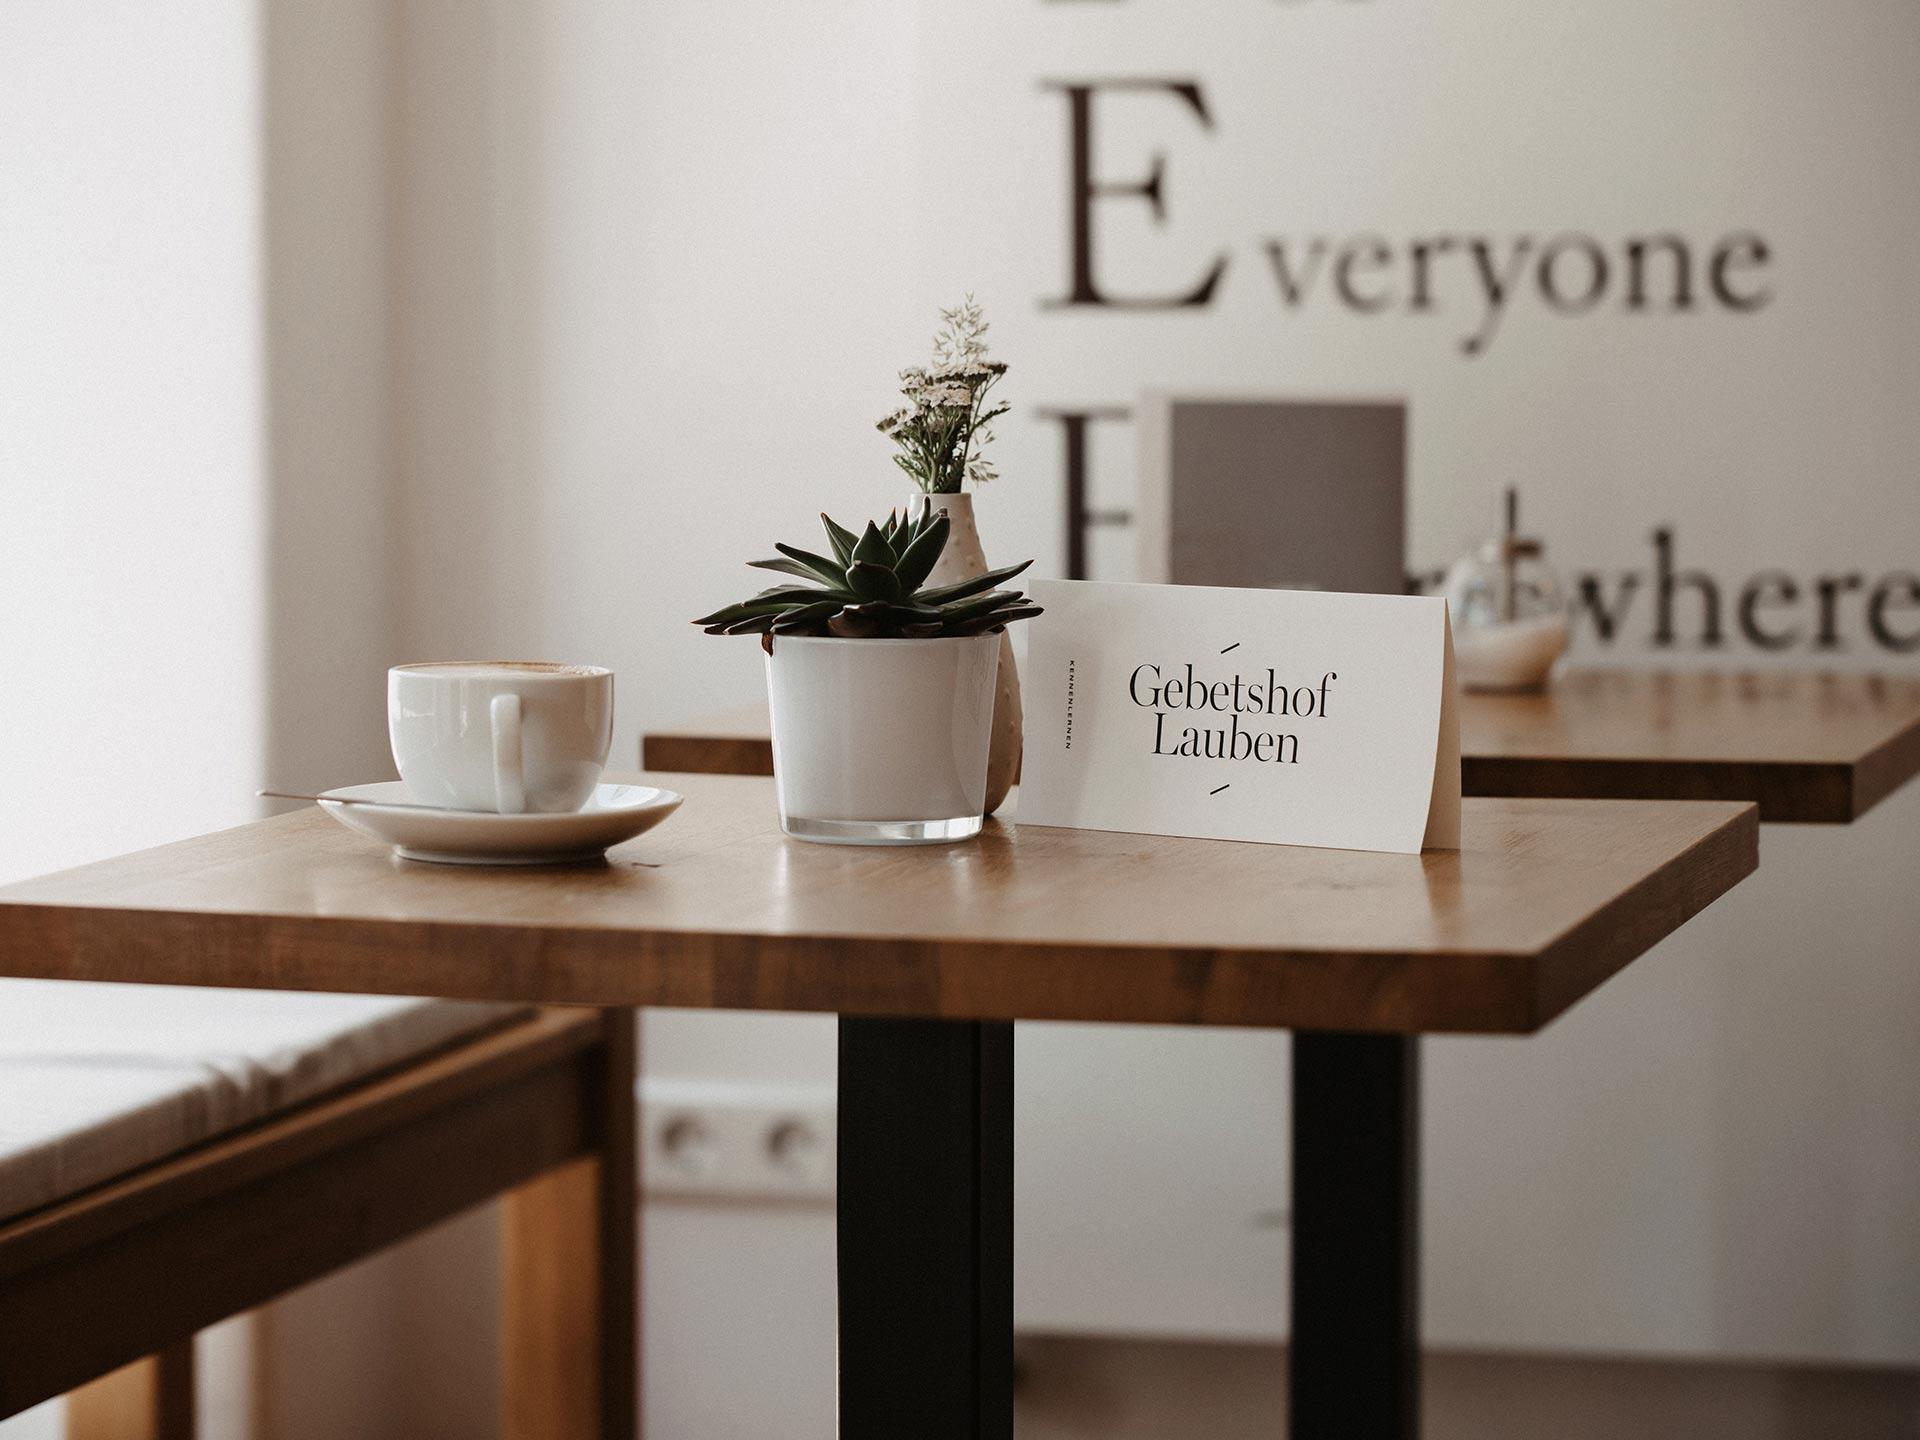 Sei dabei ... im Hofcafé Lauben